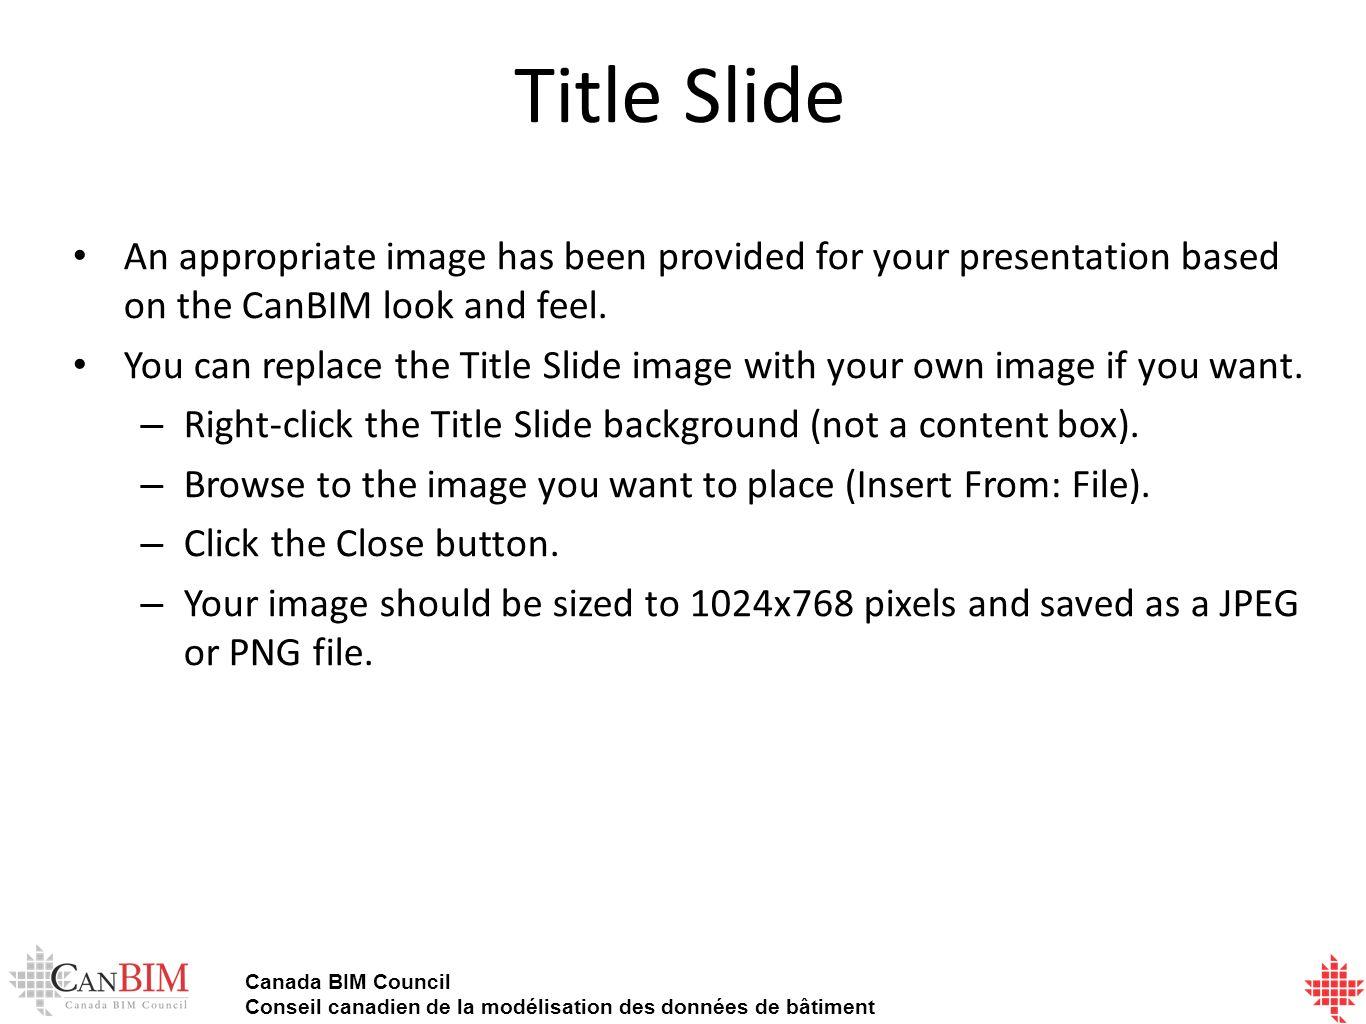 Canada BIM Council Conseil canadien de la modélisation des données de bâtiment Title Slide An appropriate image has been provided for your presentation based on the CanBIM look and feel.